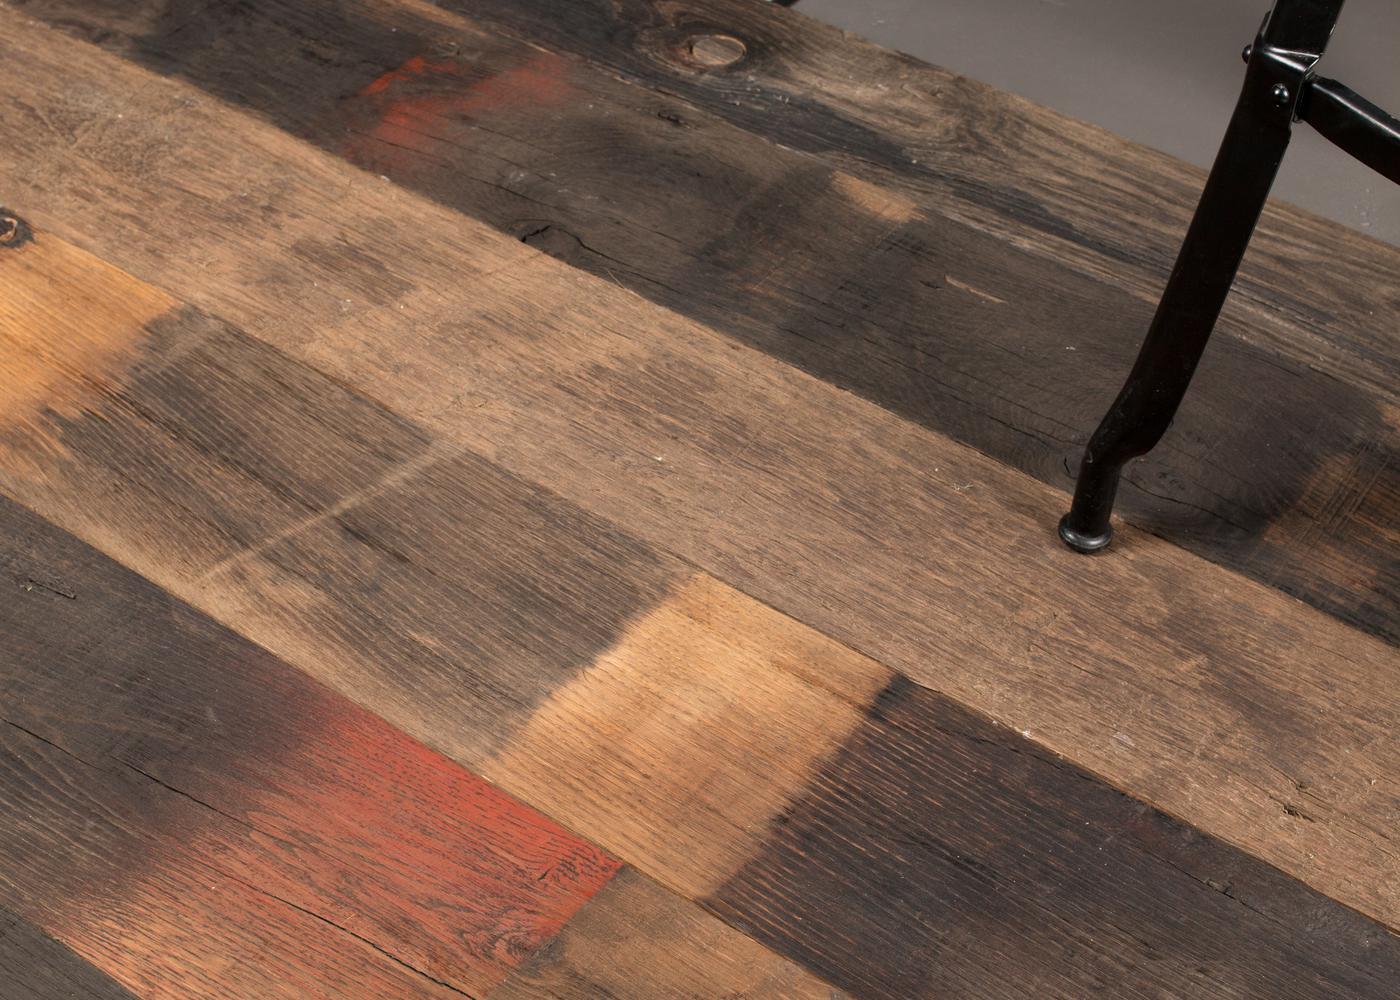 Plancher Massif Chêne Rives Abimées Campagne Vieux Fond De Wagon Atelier Brut